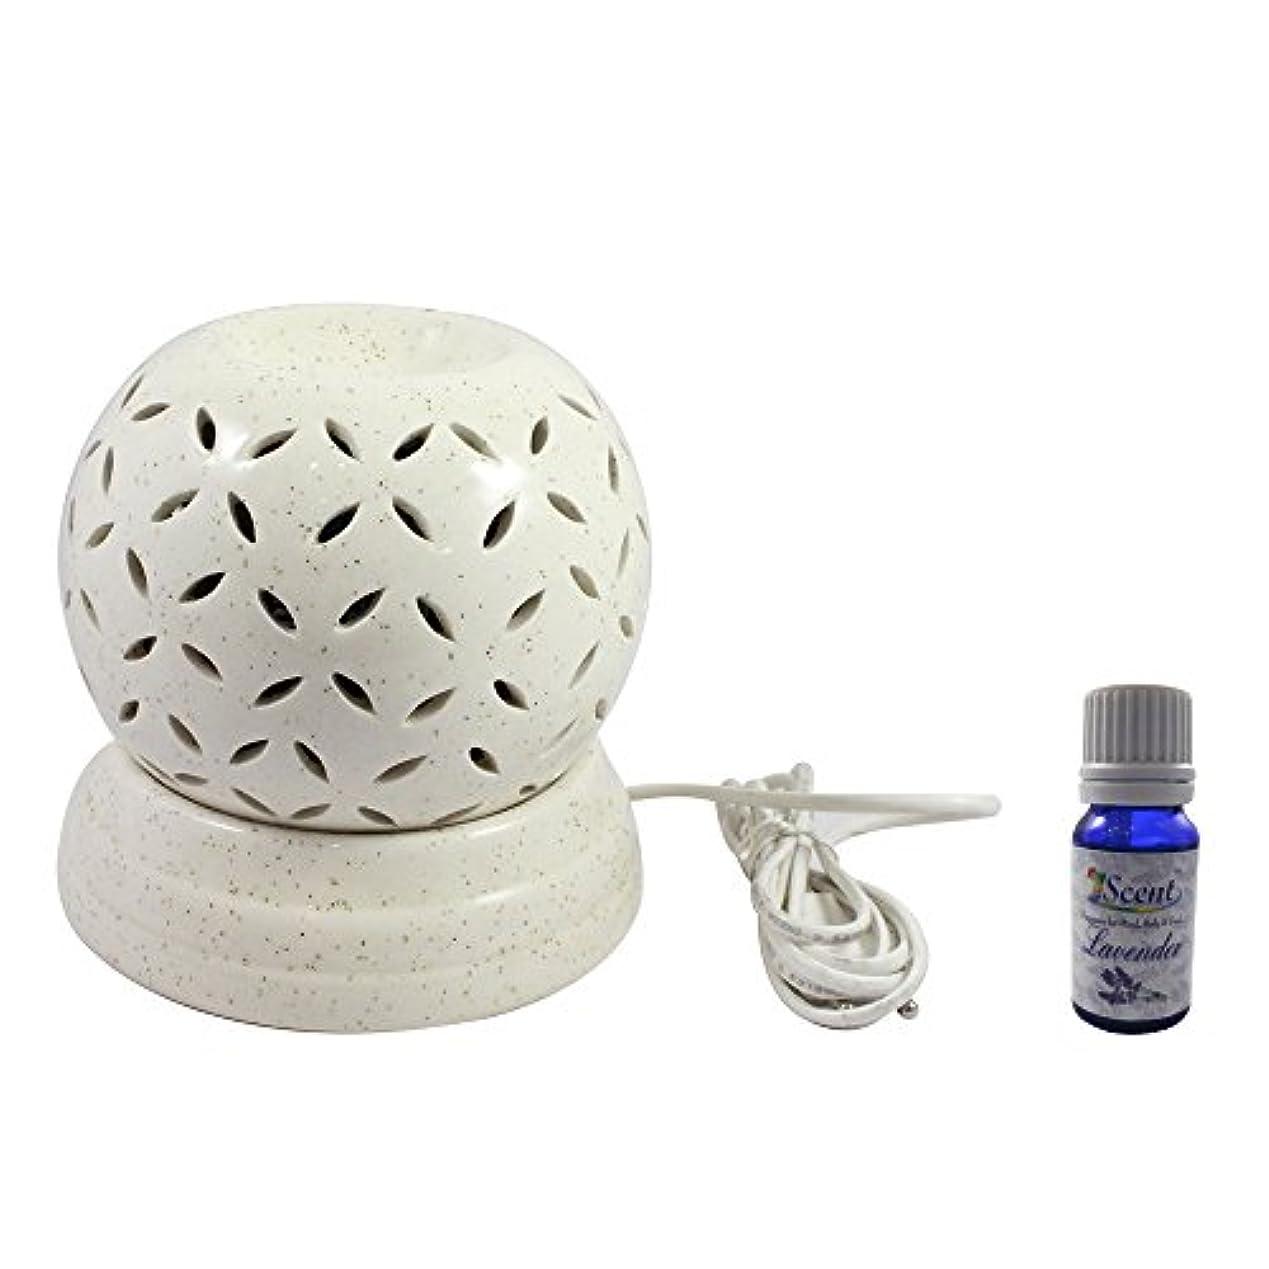 組み合わせる意味するハロウィン家の装飾定期的な使用法汚染フリーハンドメイドセラミックエスニックサンダルウッドフレグランスオイルとアロマディフューザーオイルバーナー良質ホワイトカラー電気アロマテラピー香油暖かい数量1